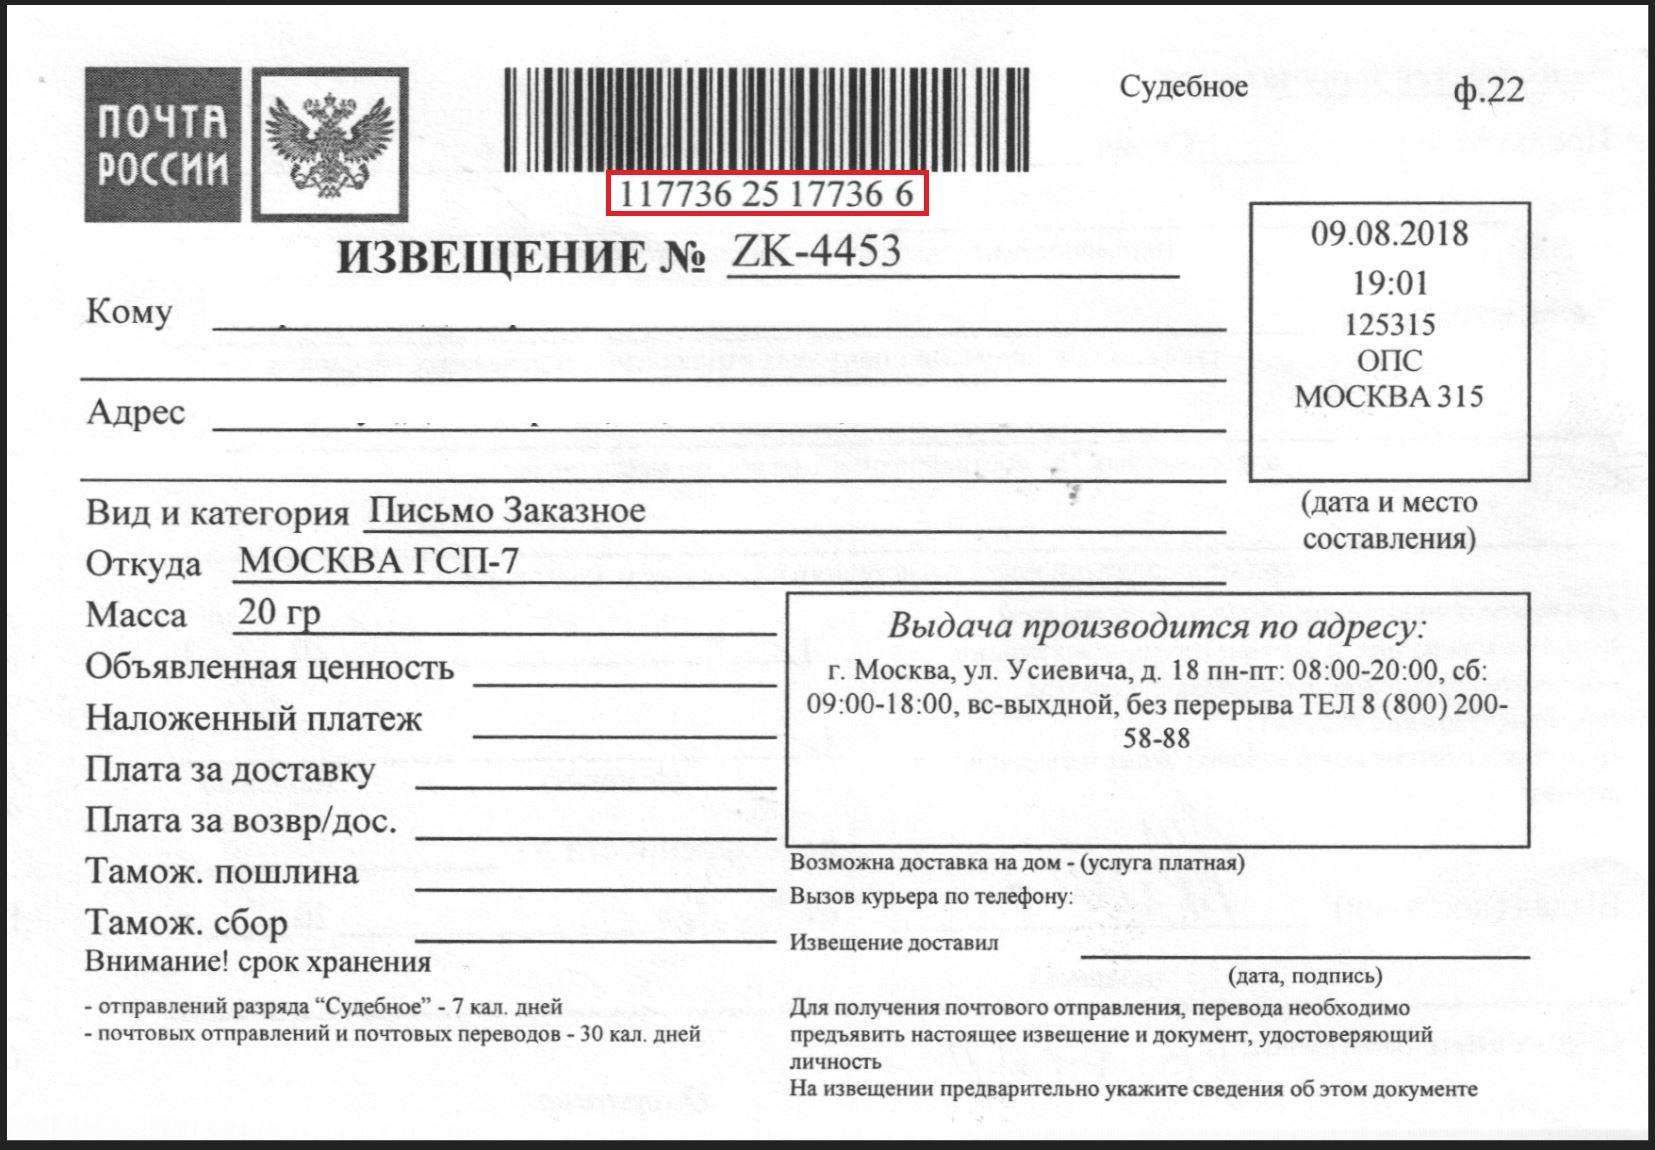 почта россии судебные письма